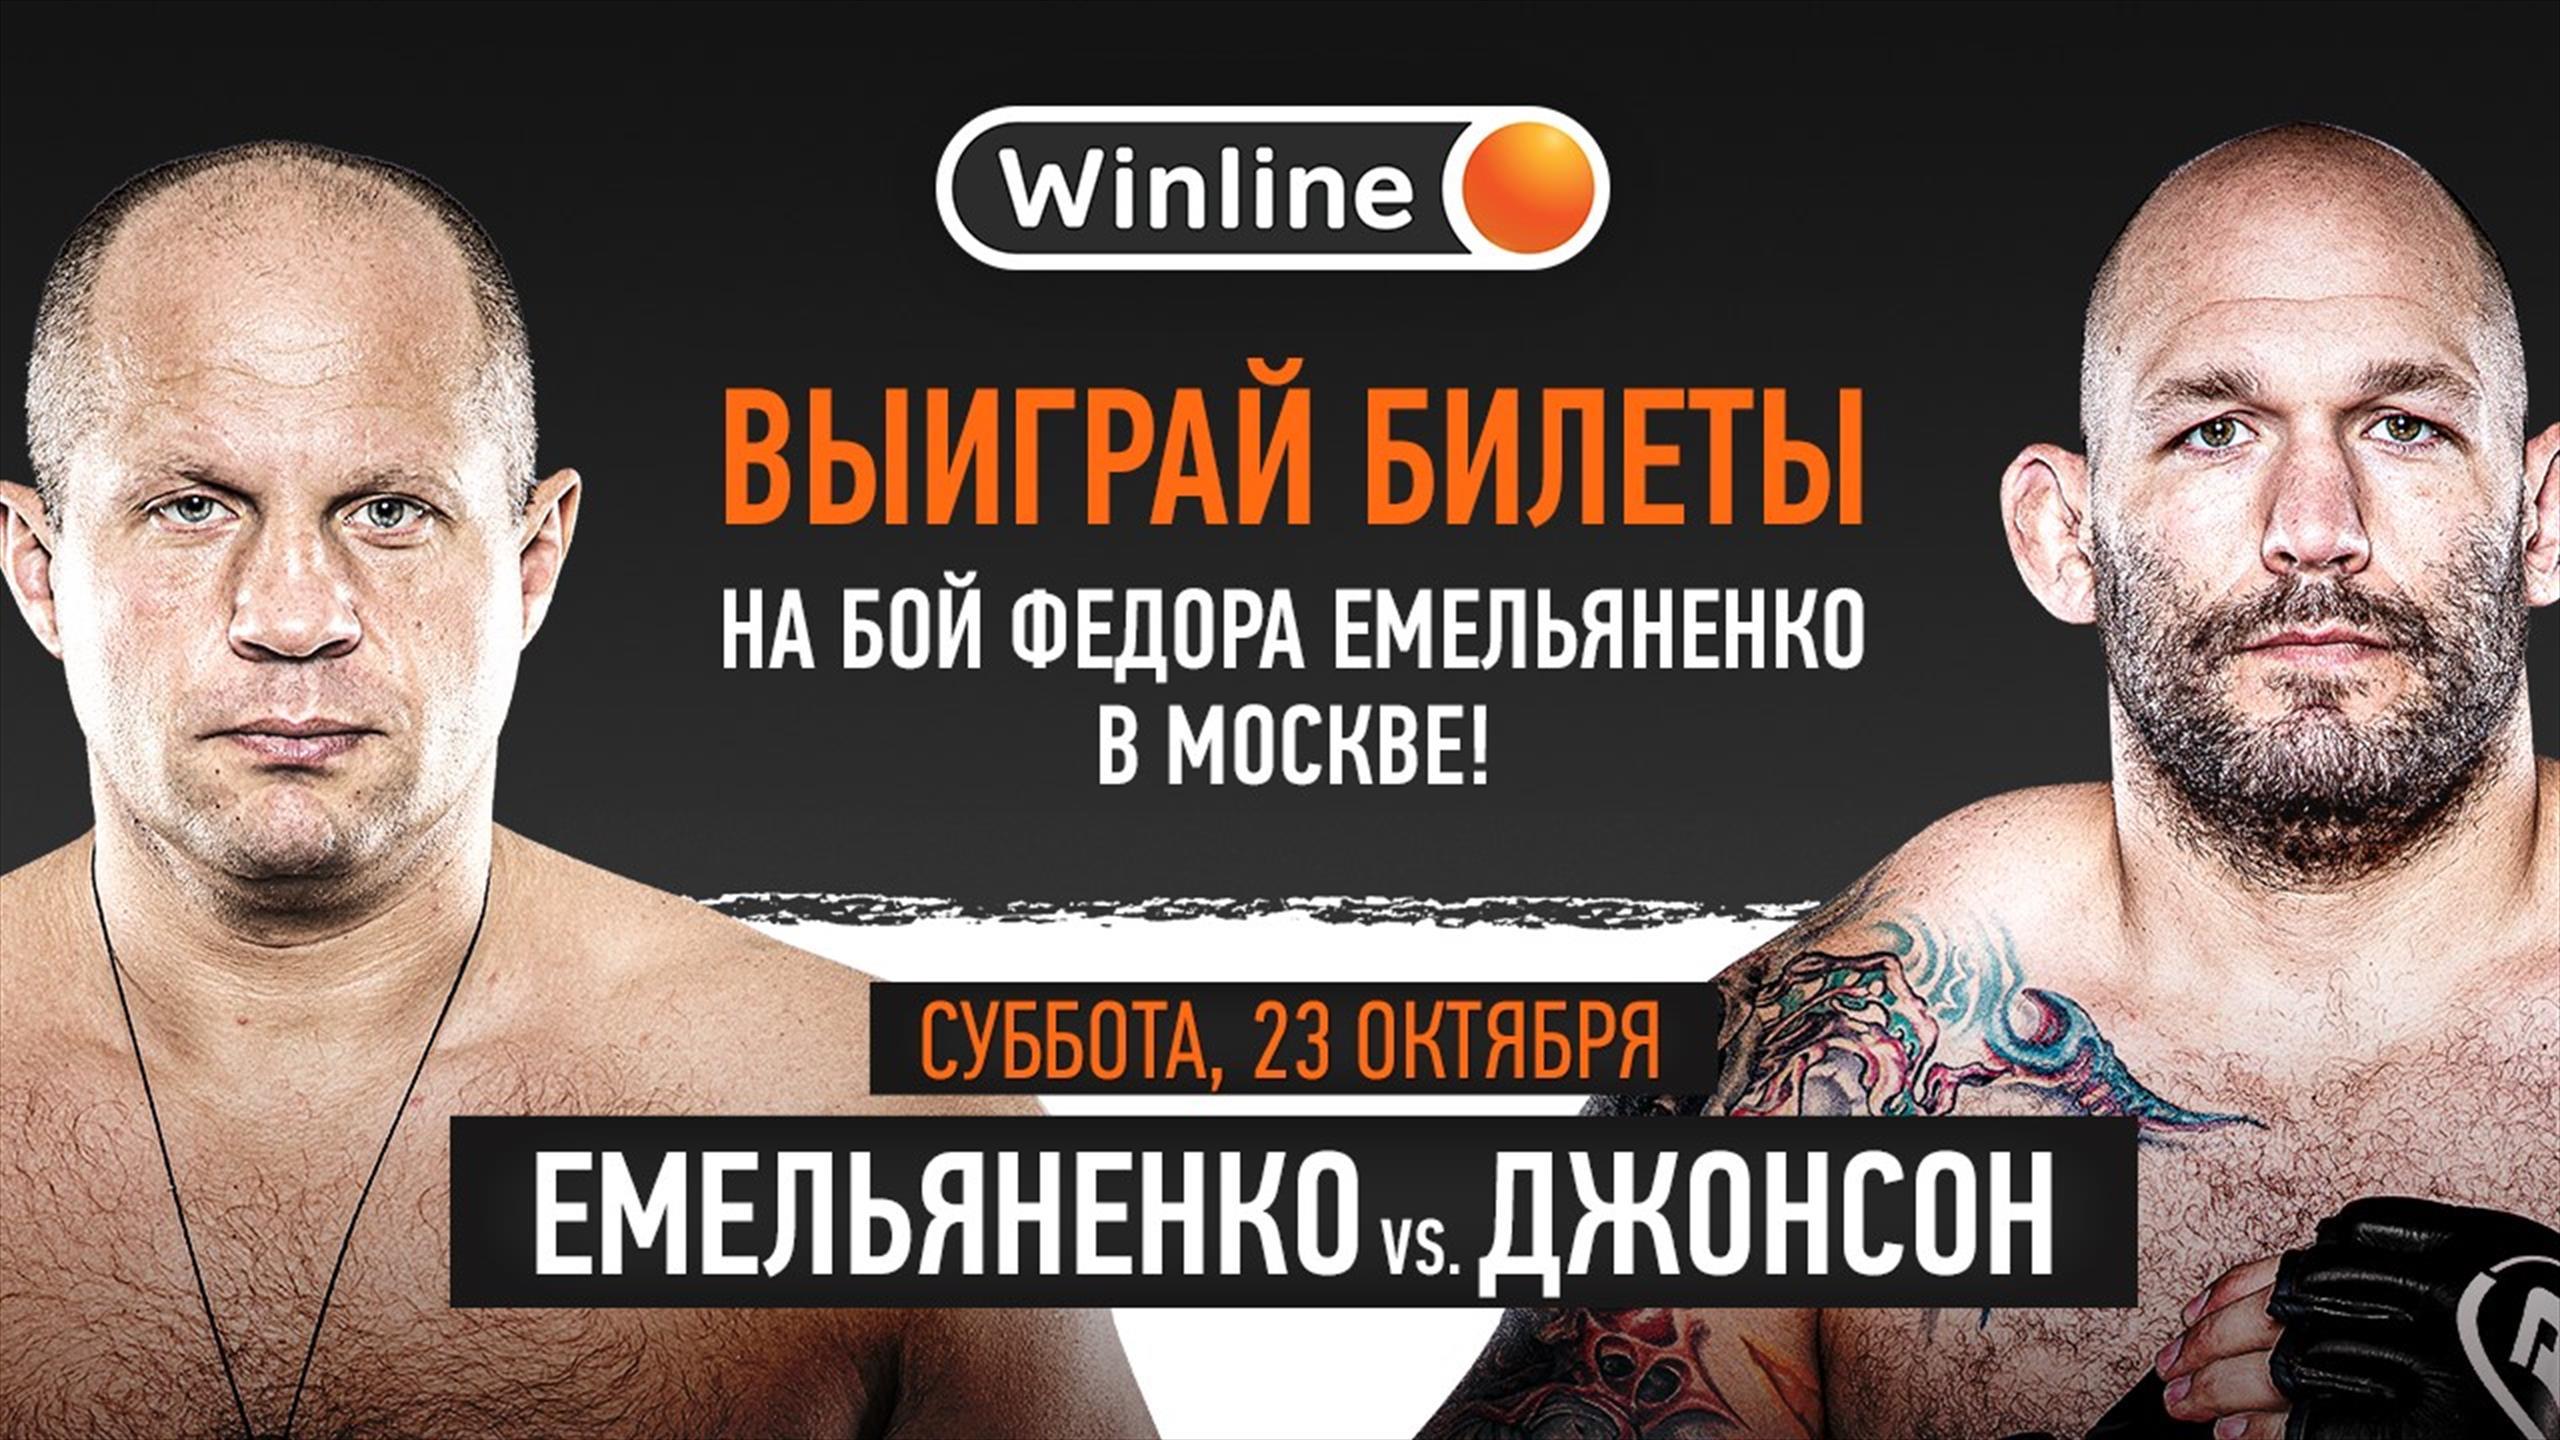 Winline разыгрывает билеты на бой Федор Емельяненко – Тимоти Джонсон